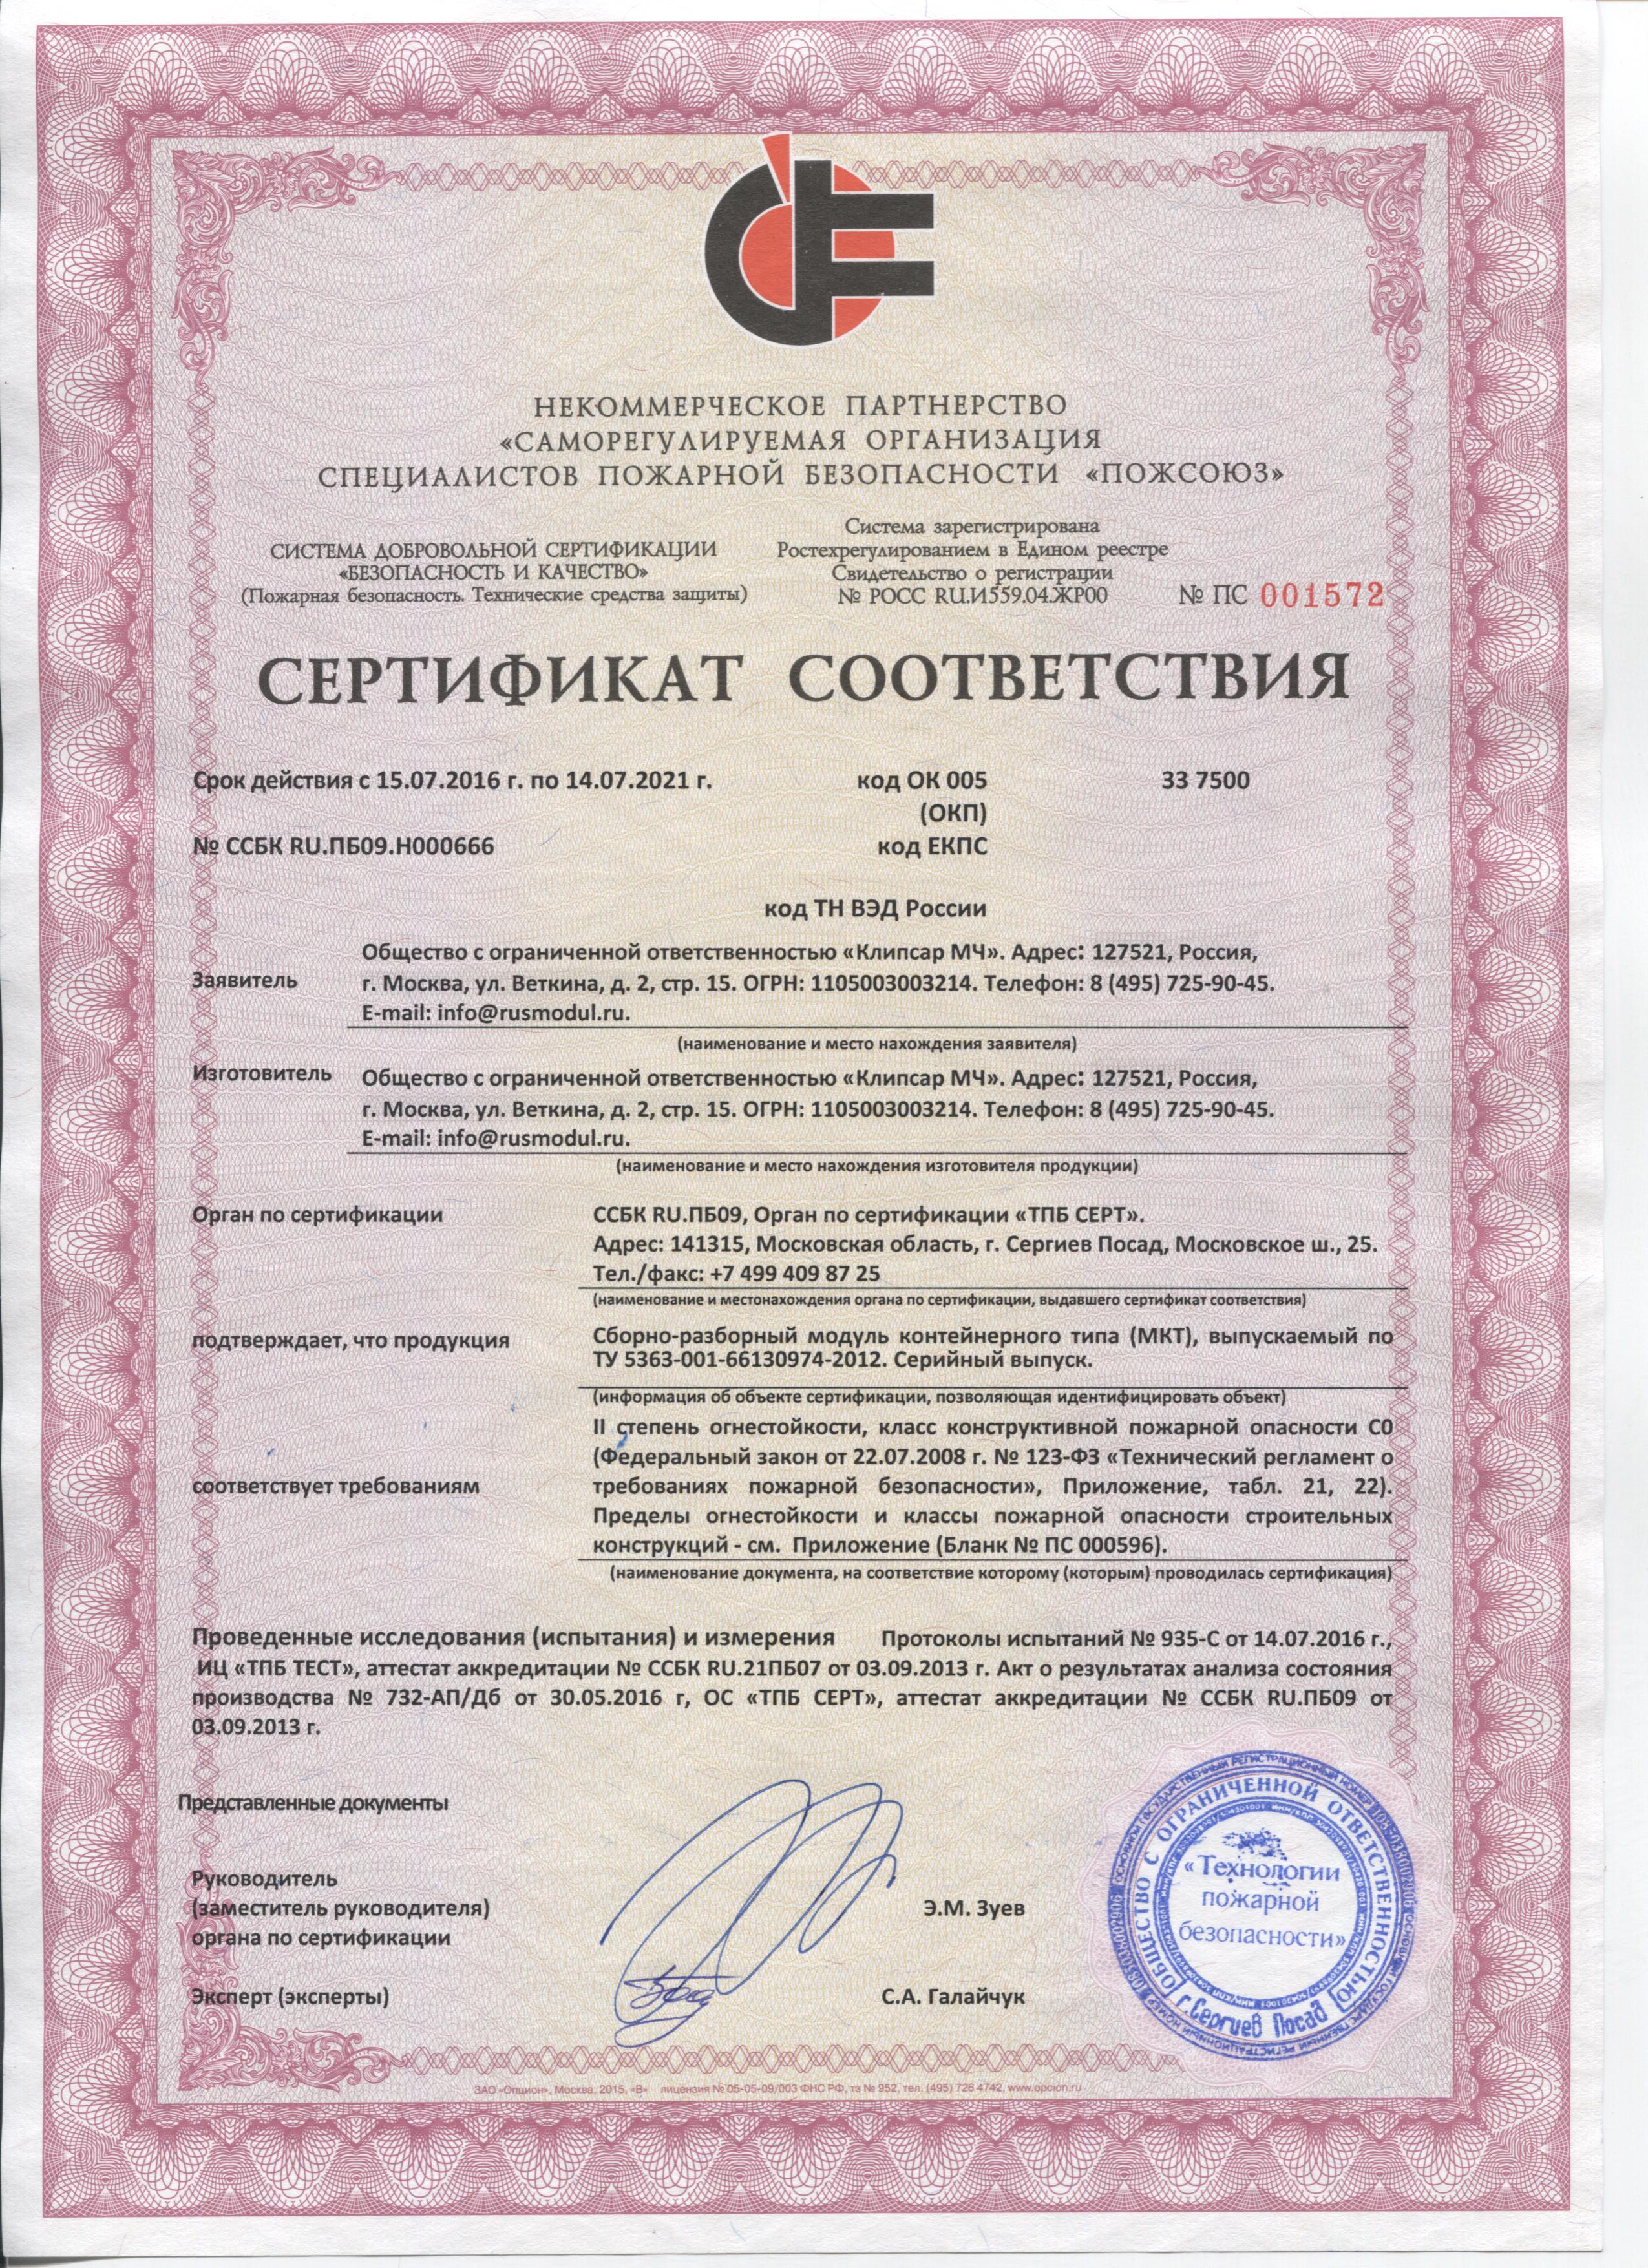 Пожарный сертификат Клипсар МЧ